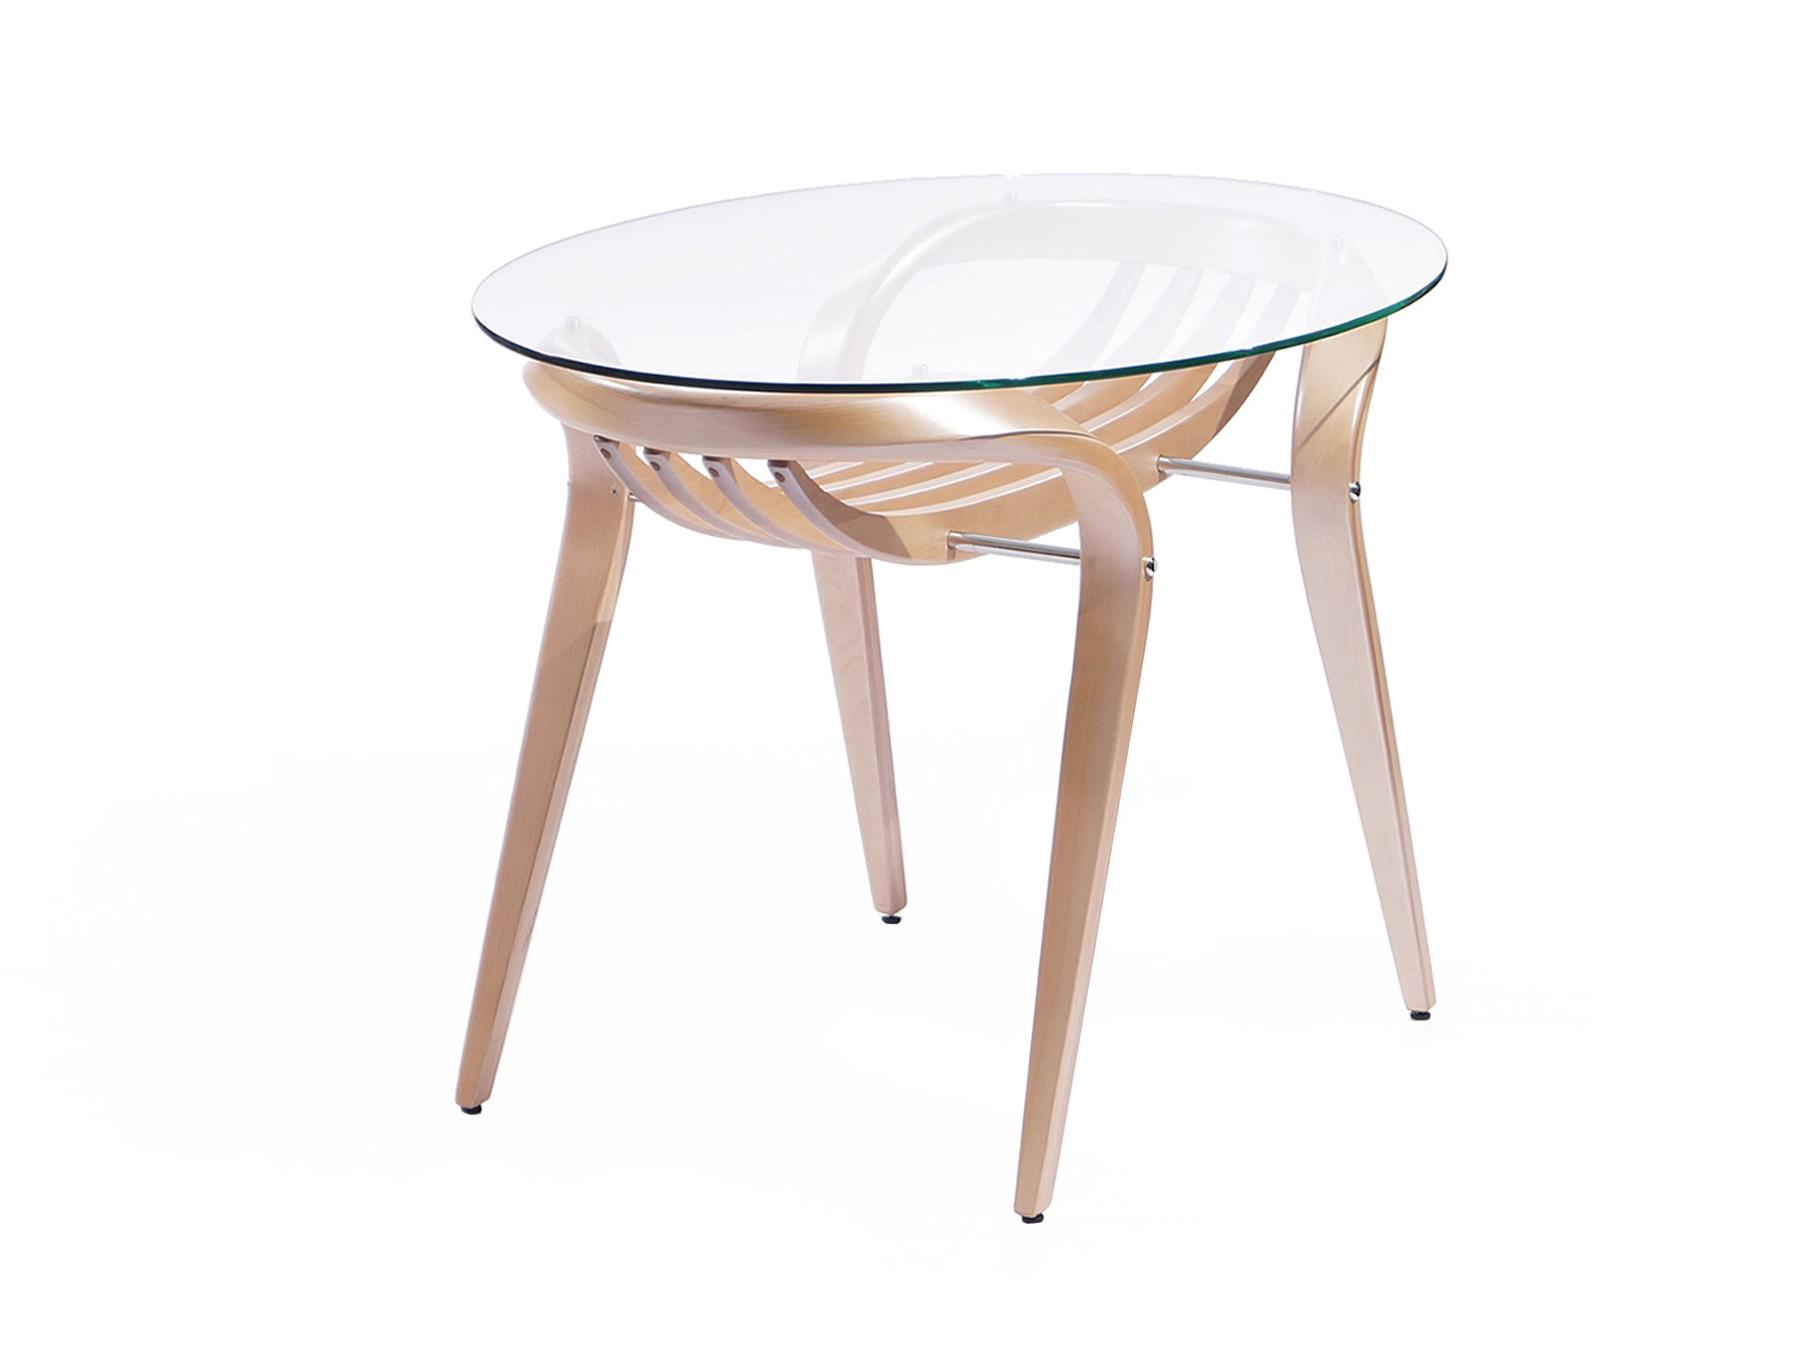 Стол обеденный AprioriОбеденные столы<br>&amp;lt;div style=&amp;quot;font-size: 14px;&amp;quot;&amp;gt;Изящный лёгкий обеденный стол с стеклянной столешницей. Хорошо сочетается с серией стульев apriori. Возможны модификации с увеличенным столом.&amp;amp;nbsp;&amp;lt;/div&amp;gt;&amp;lt;div style=&amp;quot;font-size: 14px;&amp;quot;&amp;gt;&amp;lt;br&amp;gt;&amp;lt;/div&amp;gt;&amp;lt;div style=&amp;quot;font-size: 14px;&amp;quot;&amp;gt;Материал: Натуральное дерево, береза, цвет: светлая береза (перламутровый эффект).&amp;lt;/div&amp;gt;&amp;lt;div style=&amp;quot;font-size: 14px;&amp;quot;&amp;gt;&amp;lt;span style=&amp;quot;font-size: 14px;&amp;quot;&amp;gt;Возможные размеры столешниц 120х80см ,140х90 см.&amp;amp;nbsp;&amp;lt;/span&amp;gt;&amp;lt;/div&amp;gt;<br><br>Material: Береза<br>Ширина см: 80<br>Высота см: 75<br>Глубина см: 120